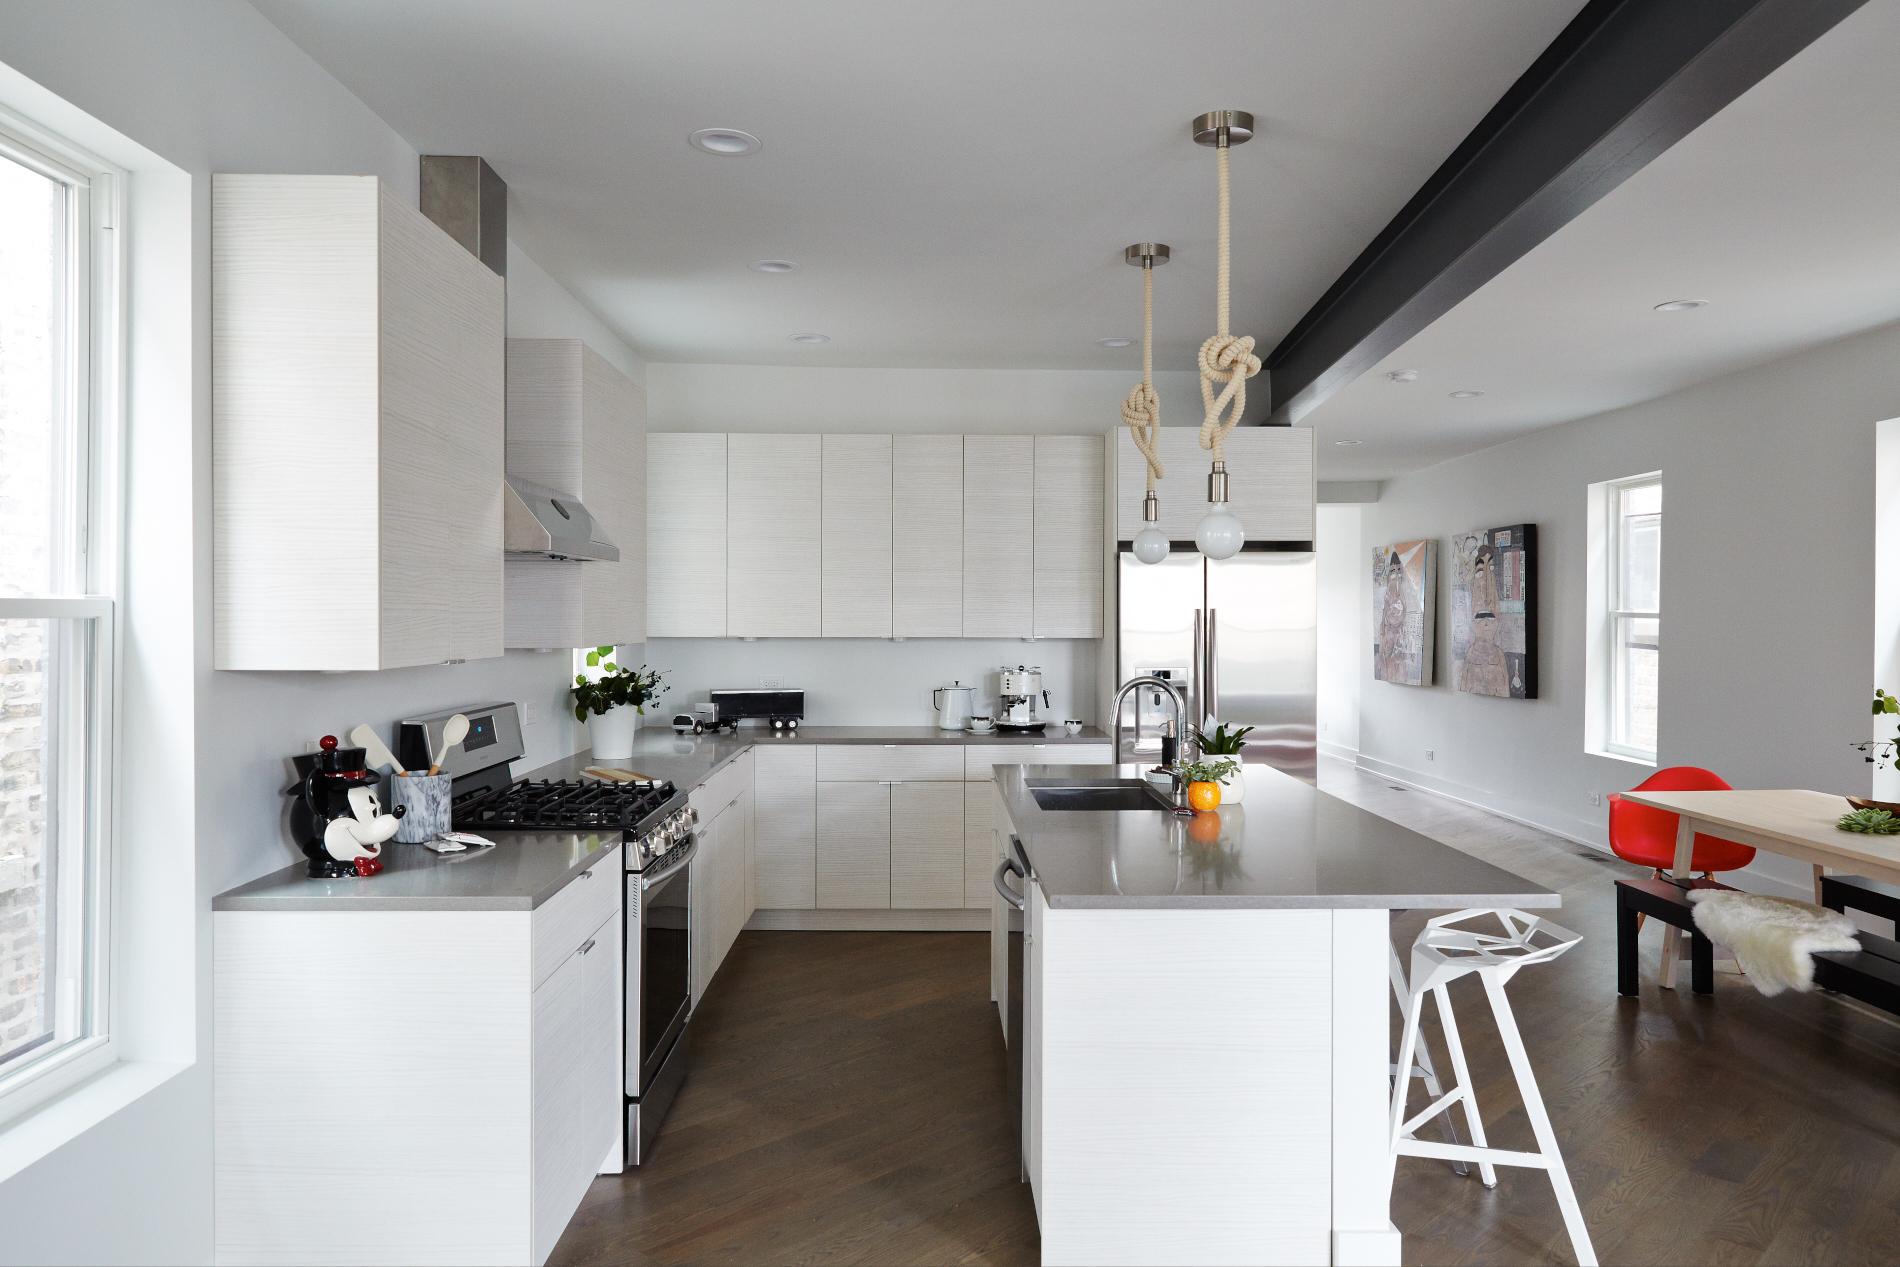 Diversey_Kitchen_3491.jpg